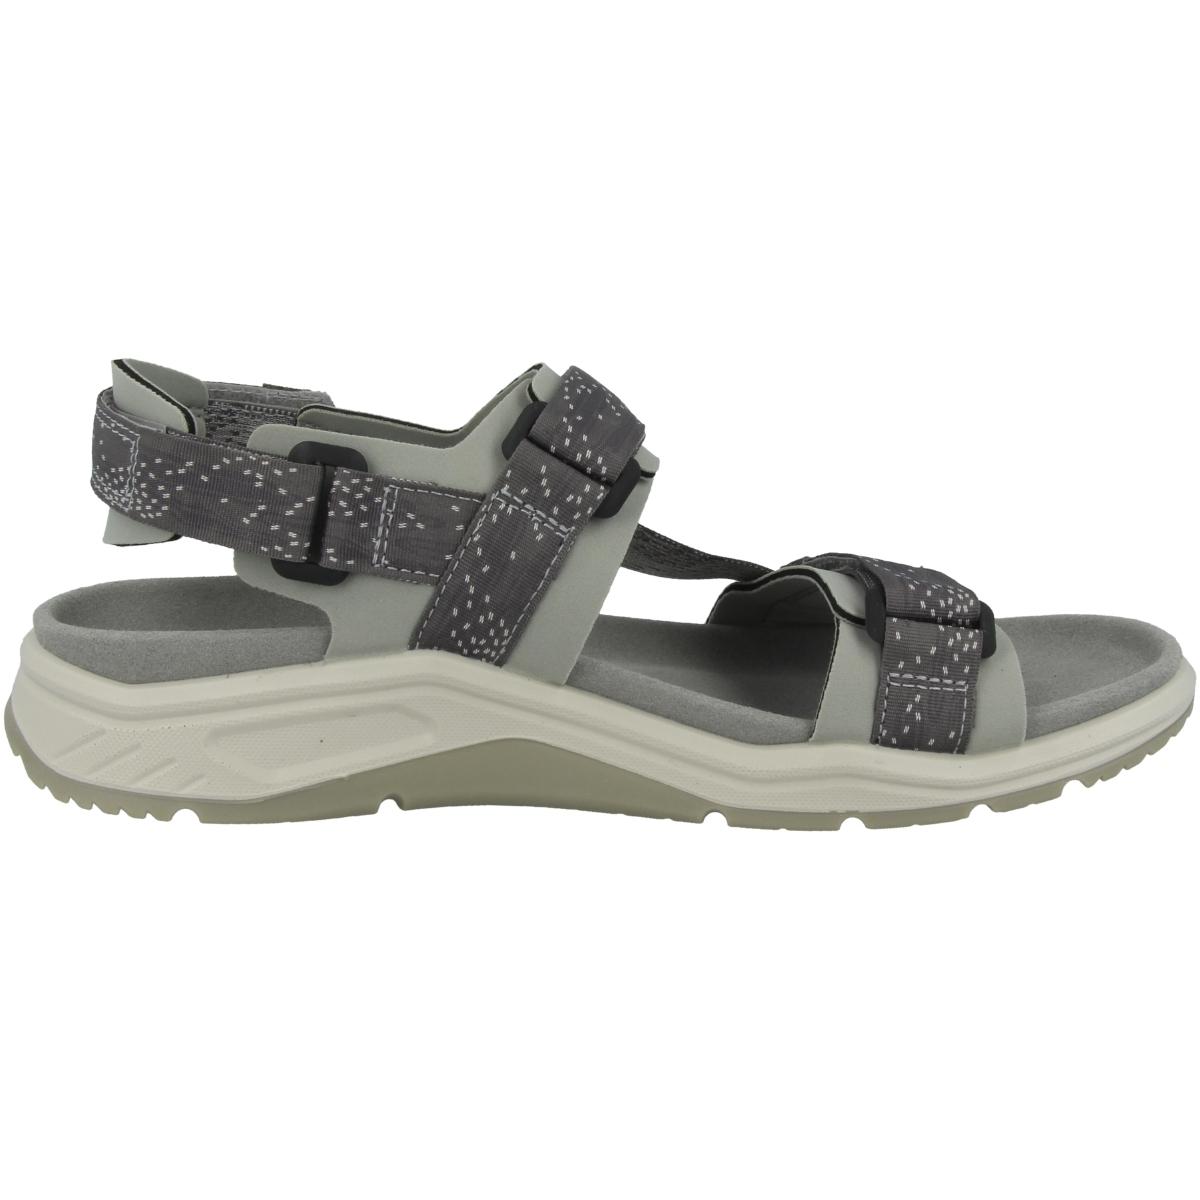 Ecco X-Trinsic Schuhe Damen Sandalen Women Freizeit Hiking Sandaletten 880623